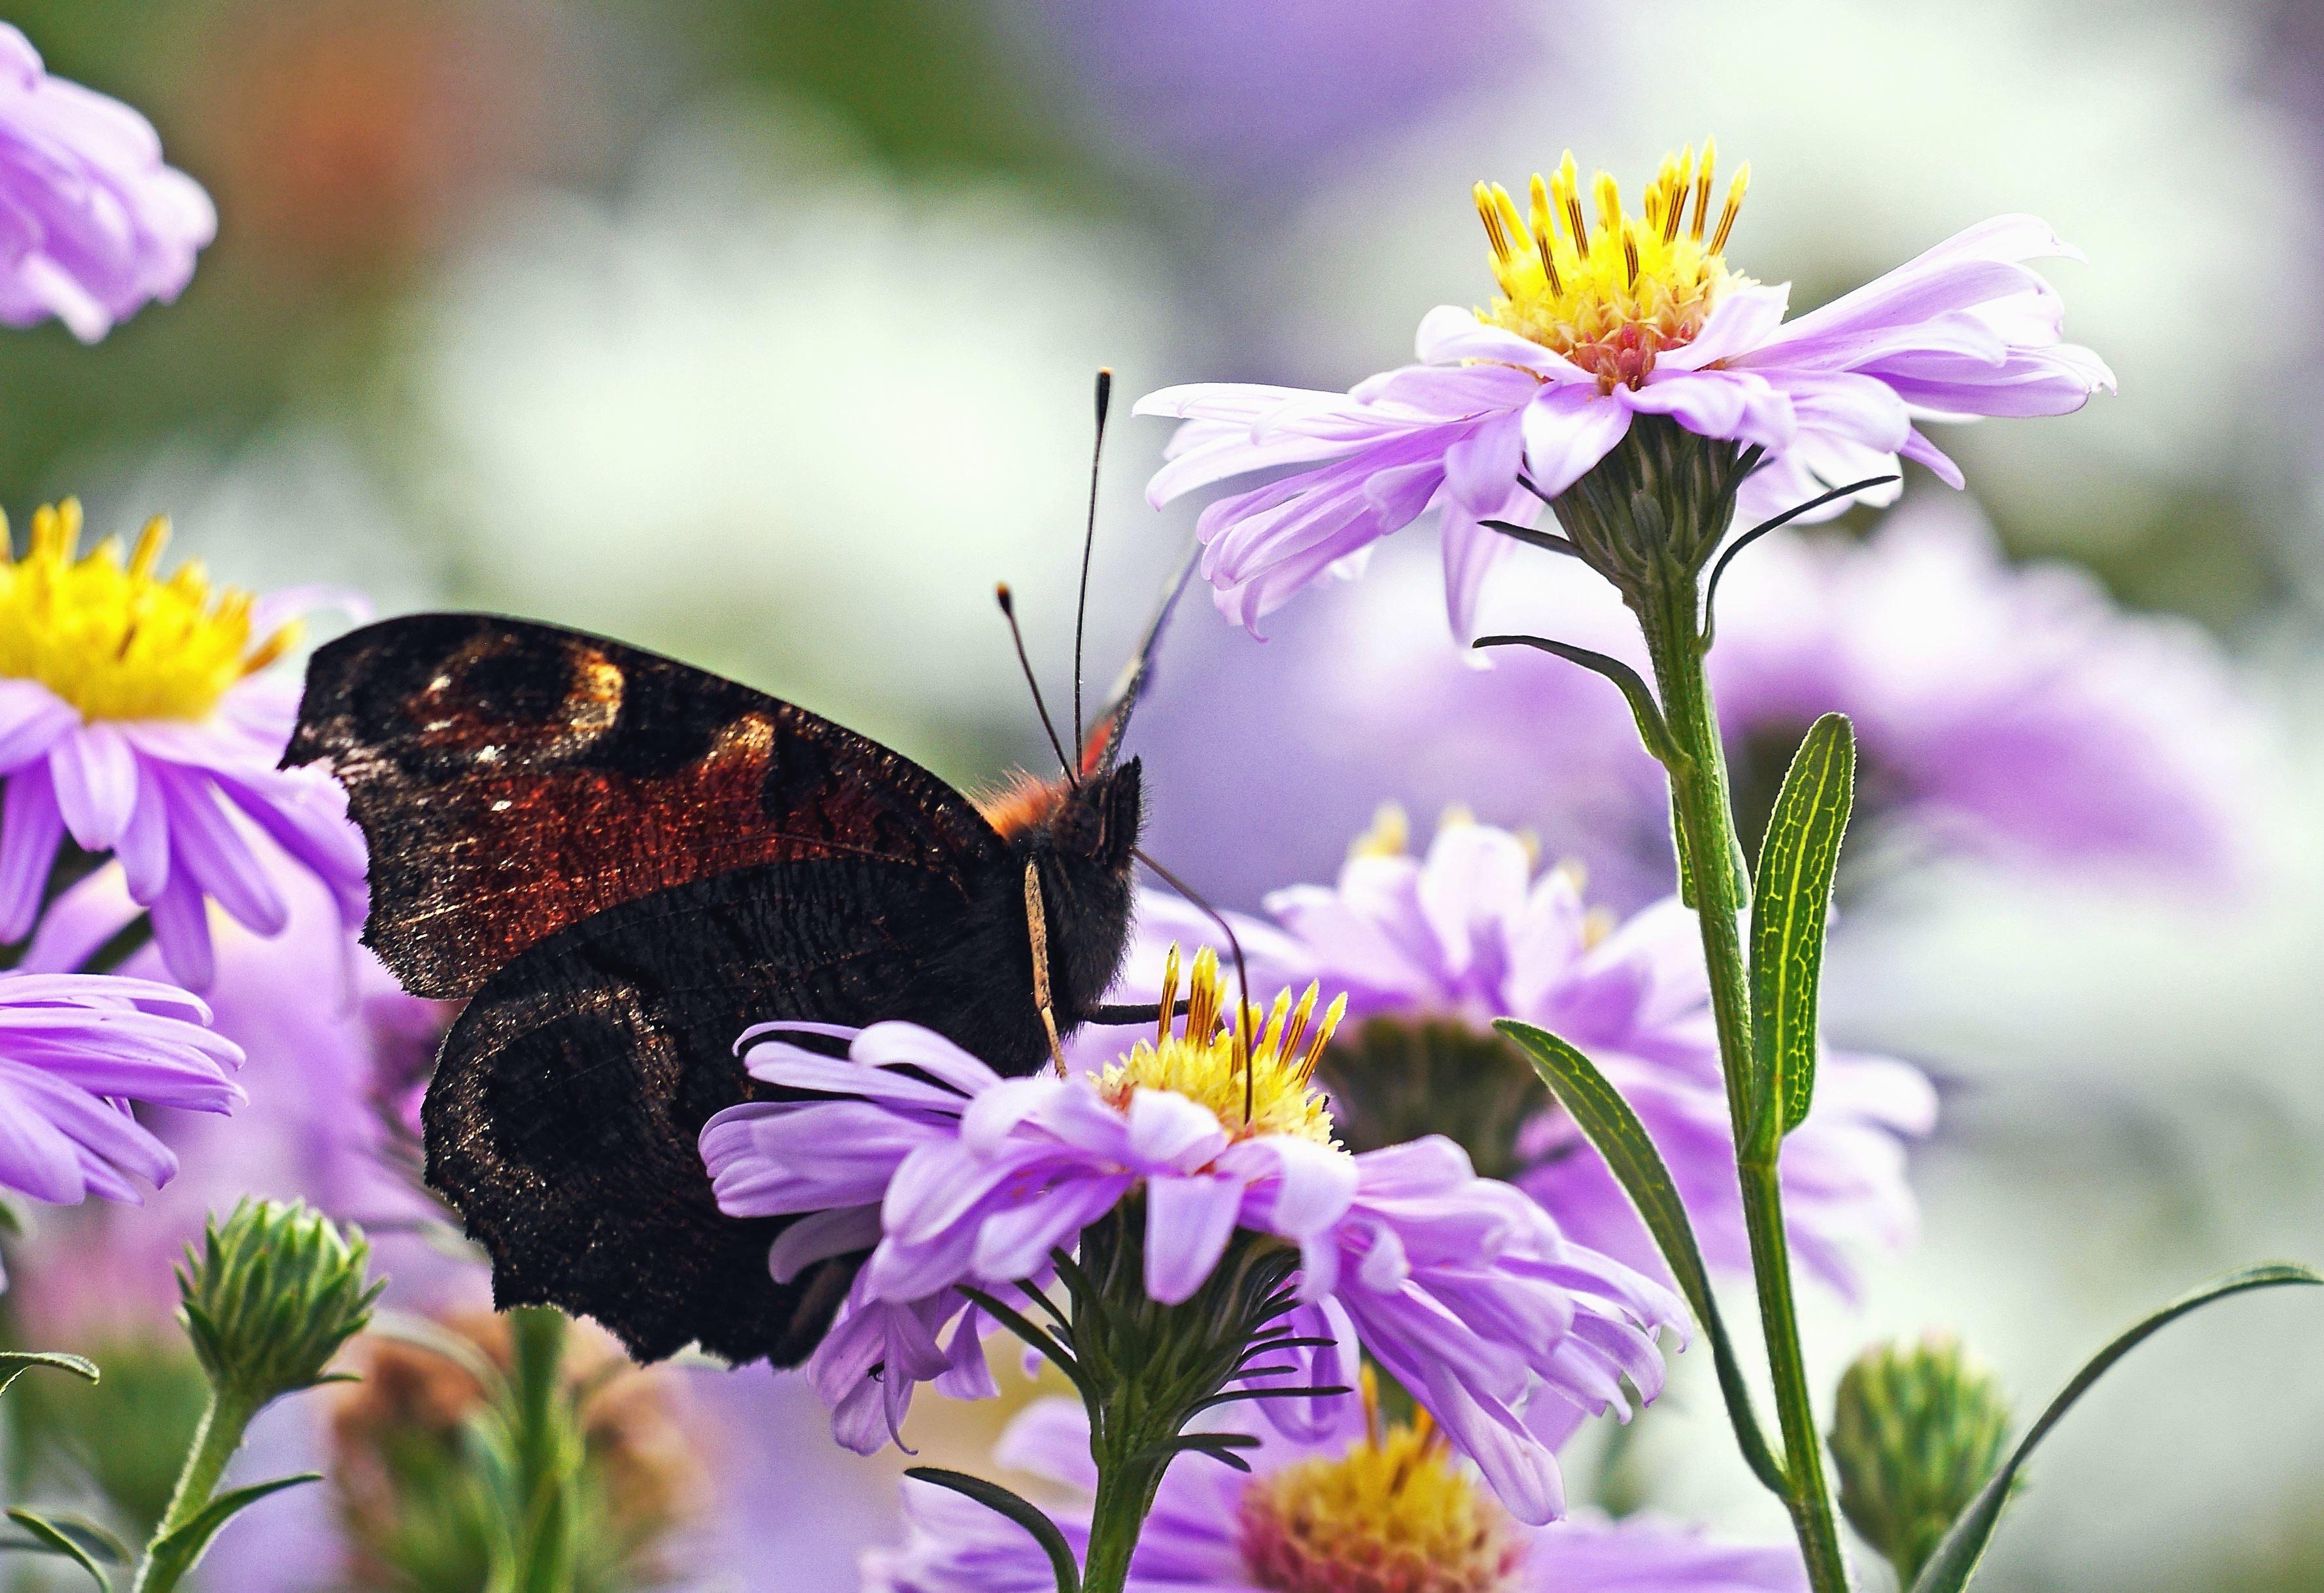 Image libre fleur insecte papillon plante rose - Papillon fleur ...